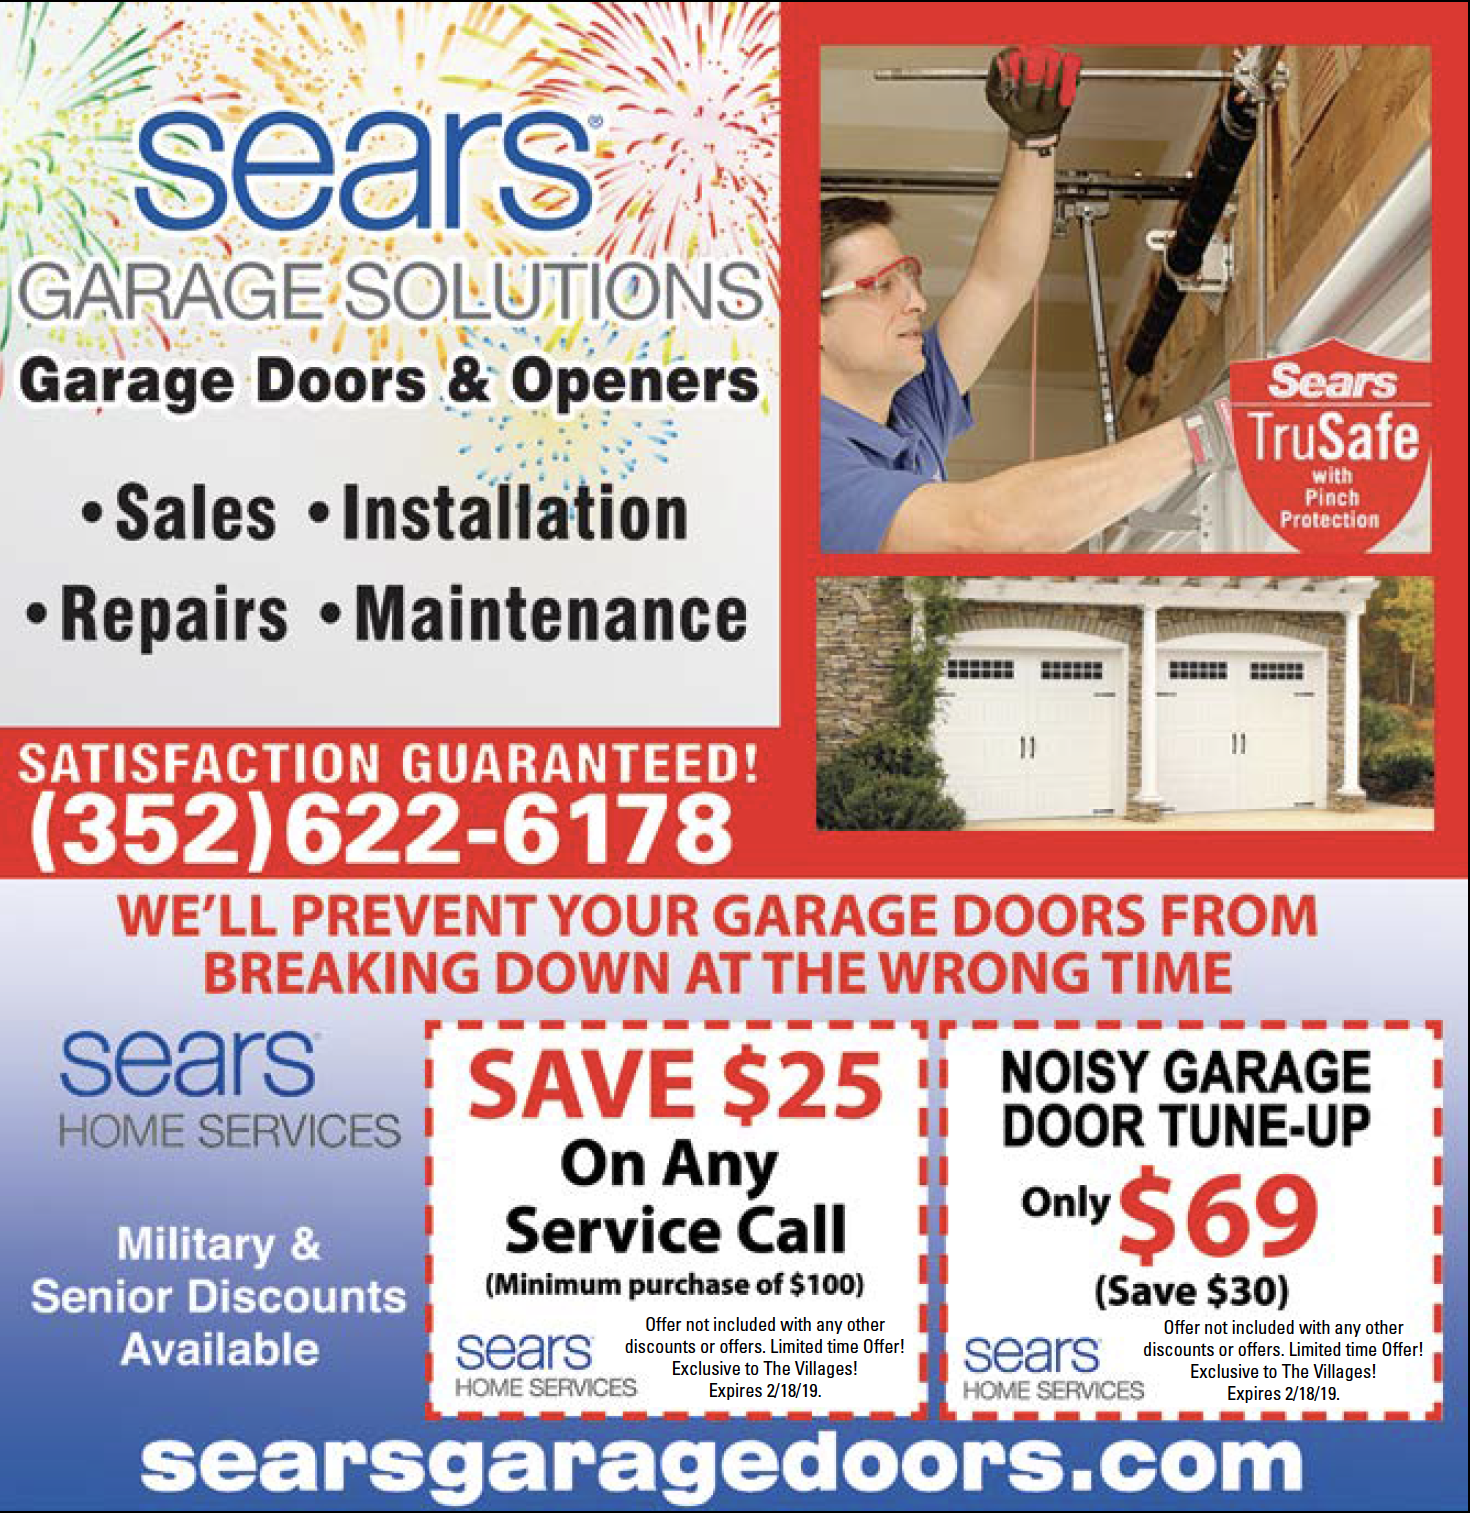 Garage Doors Openers Sales Installation Repairs And Maintenance We Ll Prevent Garage Doors From With Images Garage Solutions Garage Doors Garage Door Installation